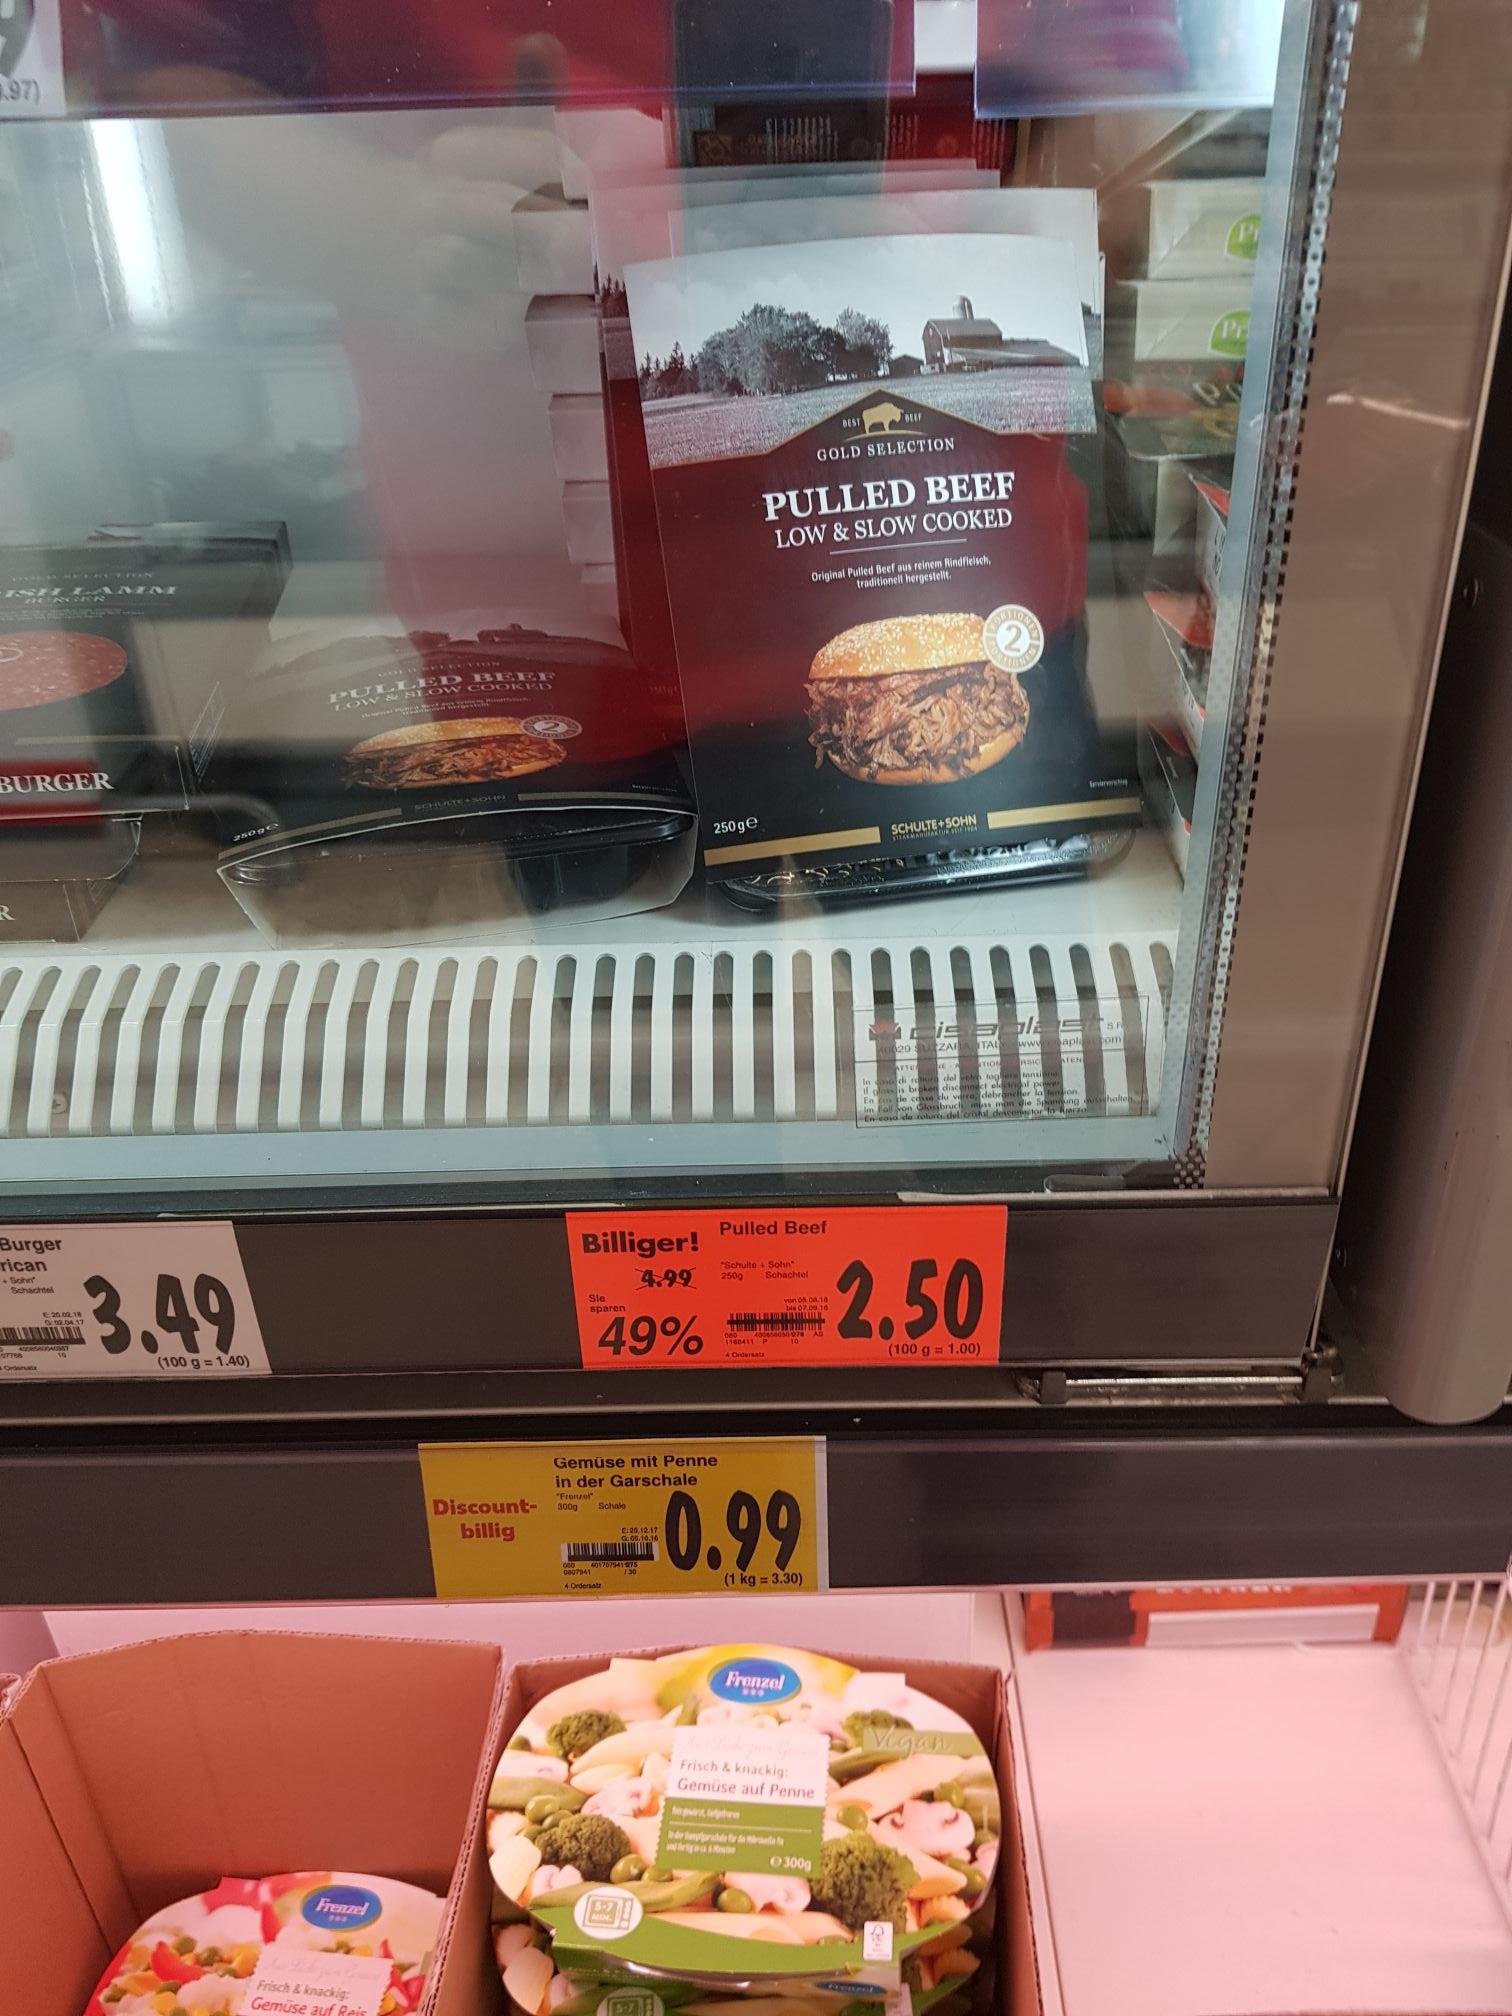 [LOKAL] KAUFLAND Siegen-Fludersbach- 250g Pulled Beef für 2.50€